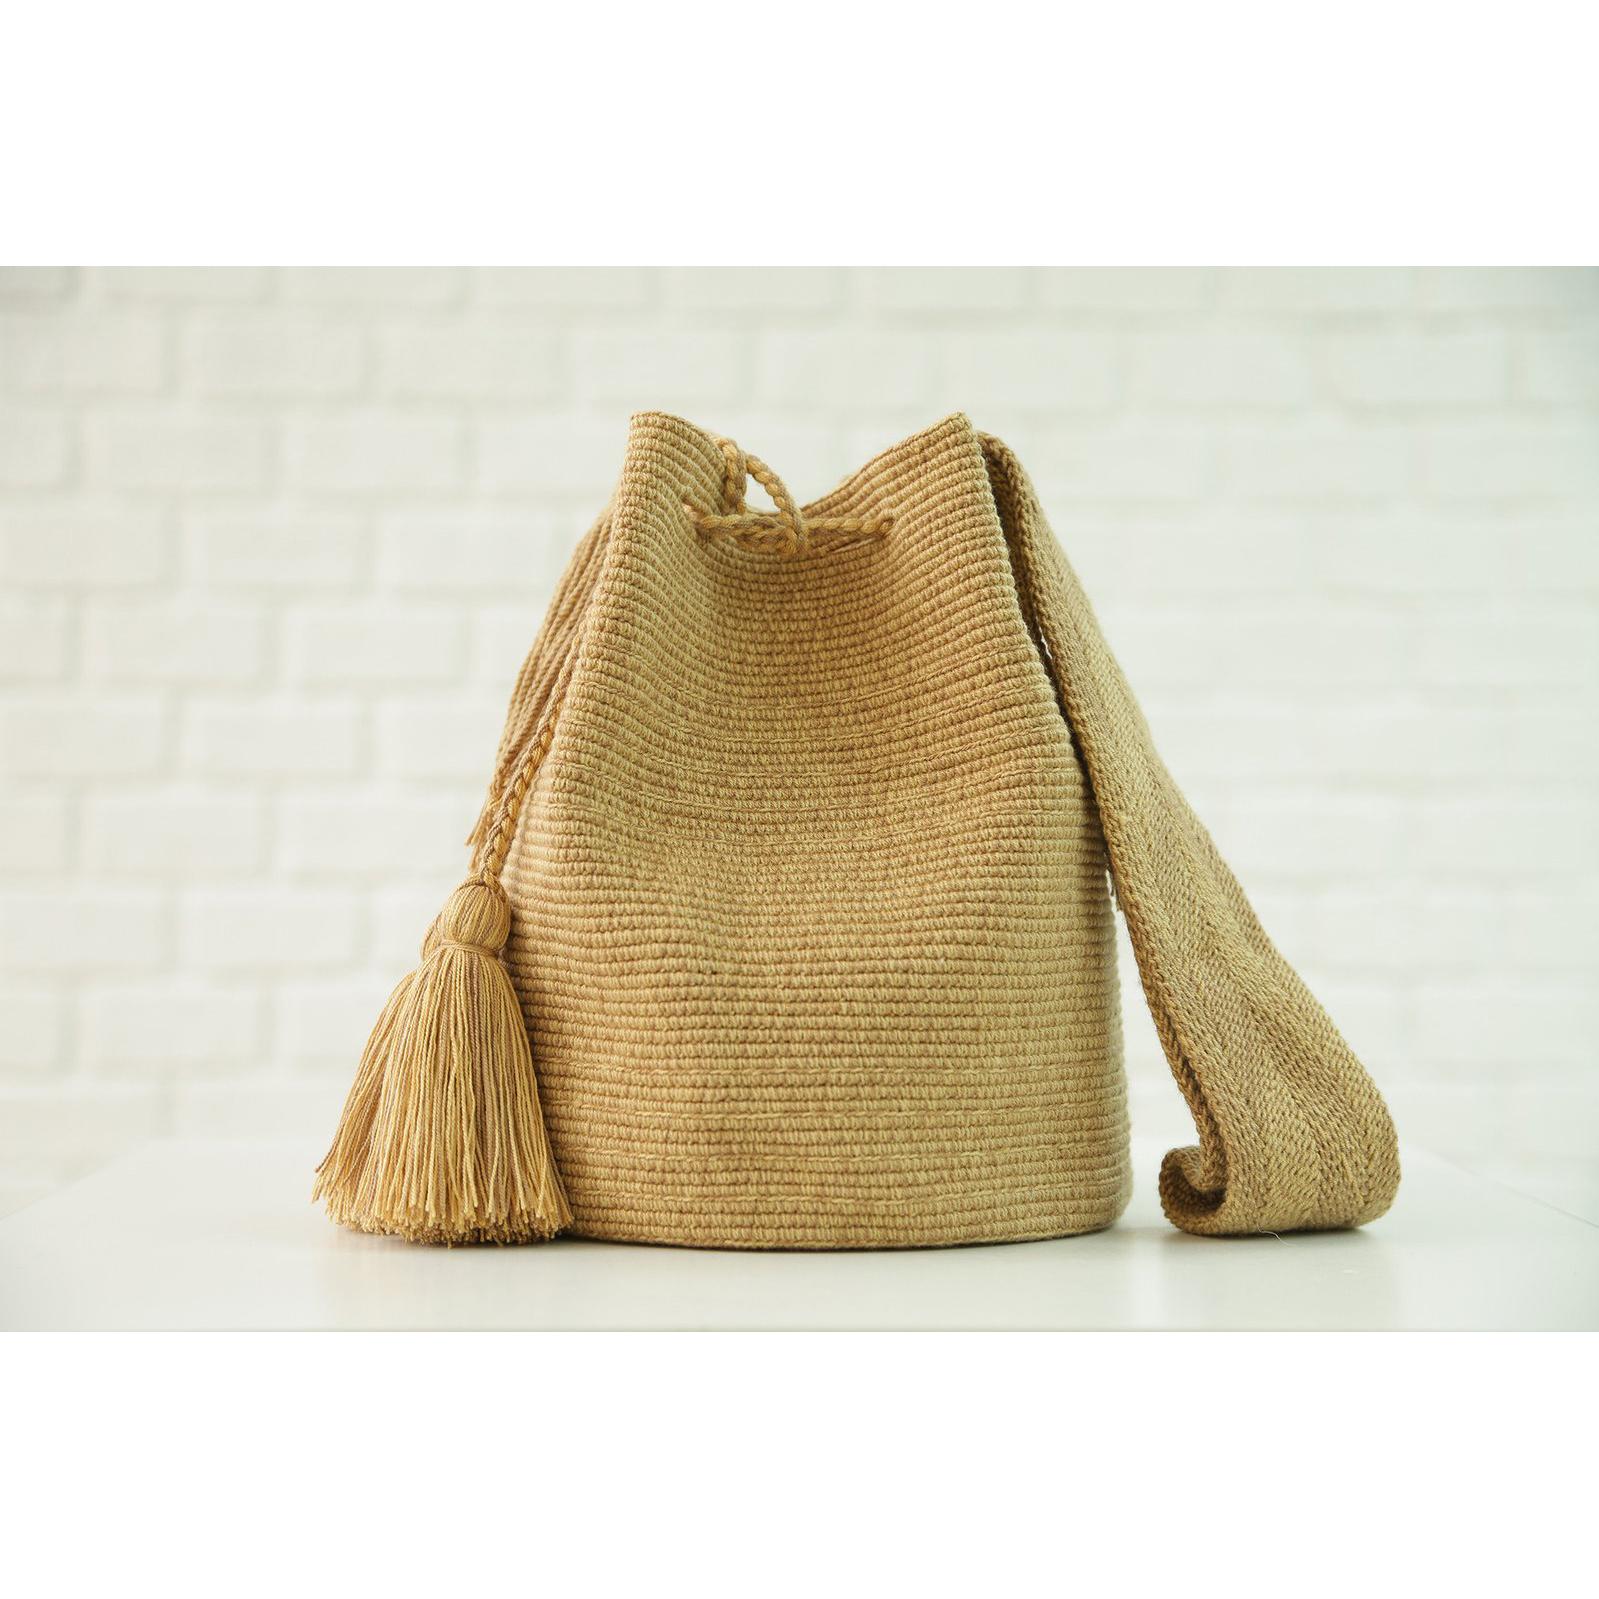 Chila Bags Flamenco Bag